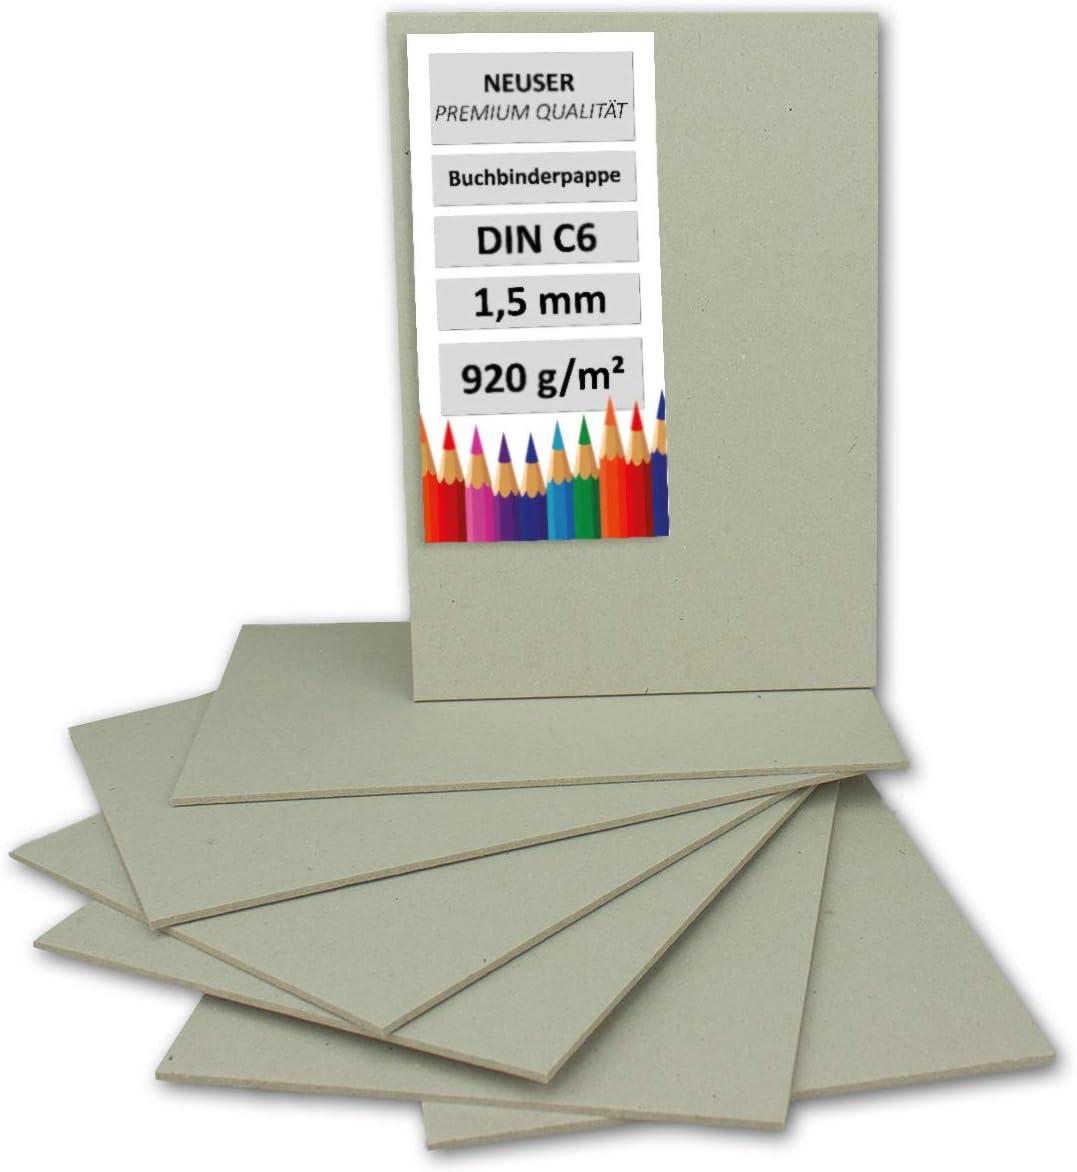 1,5 mm in cartone molto resistente 10 pezzi DIN A3 Grau-Braun 1,5 mm Cartoncino per rilegatura